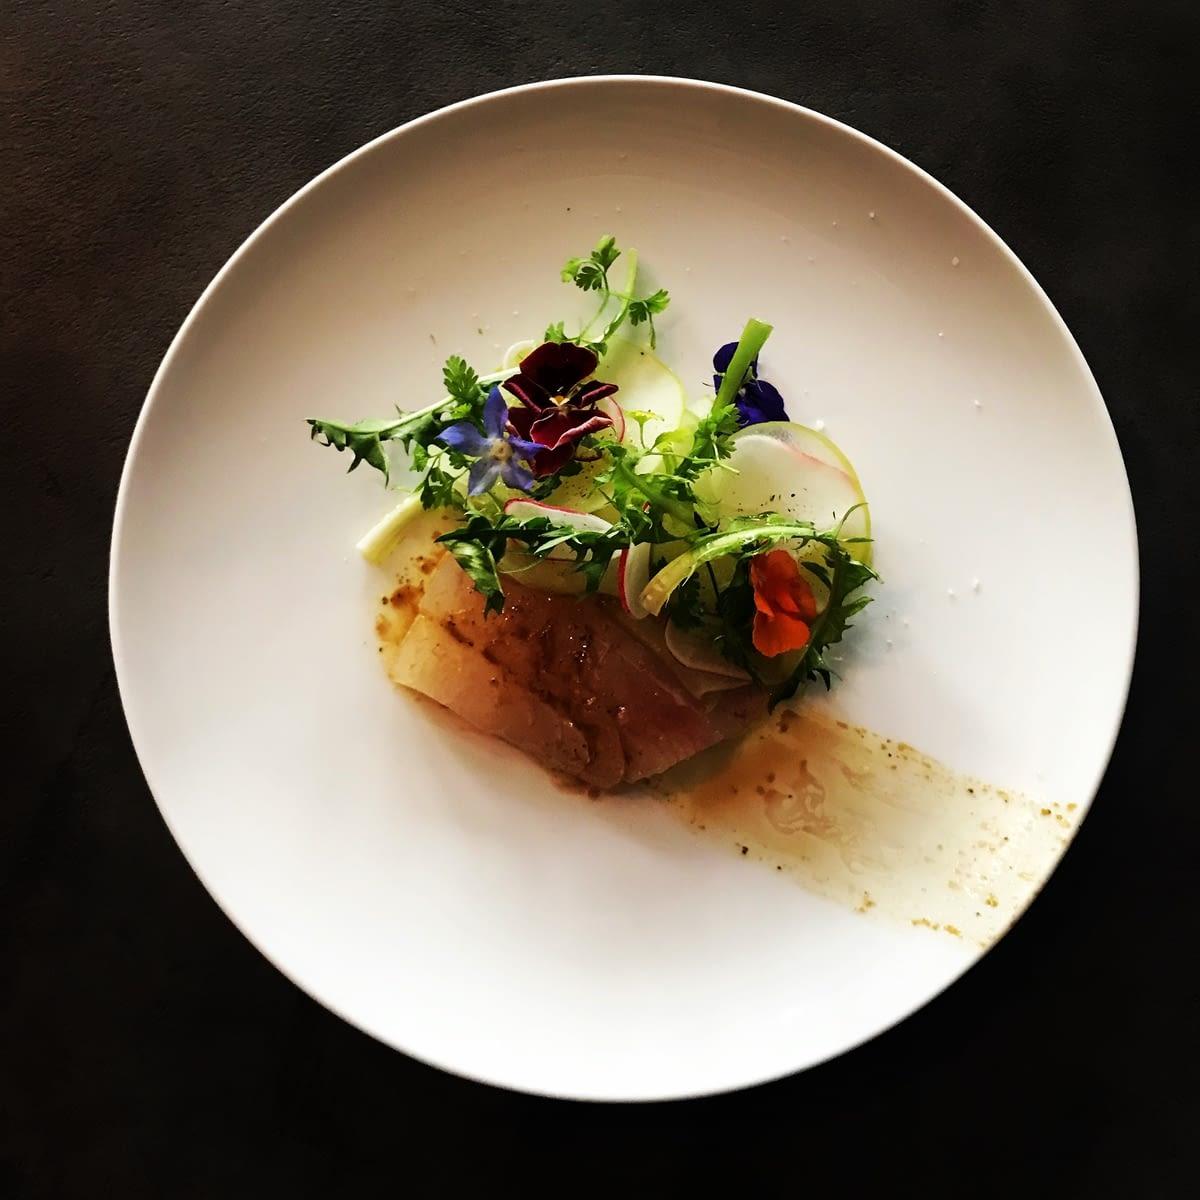 Restaurant Vivre  - 3 rue de la Michodière 75002 Paris - Sashimi de Dorade Huile Citronnelle, Ail et Gingembre Salade de Granny Smith et Radis Roses1